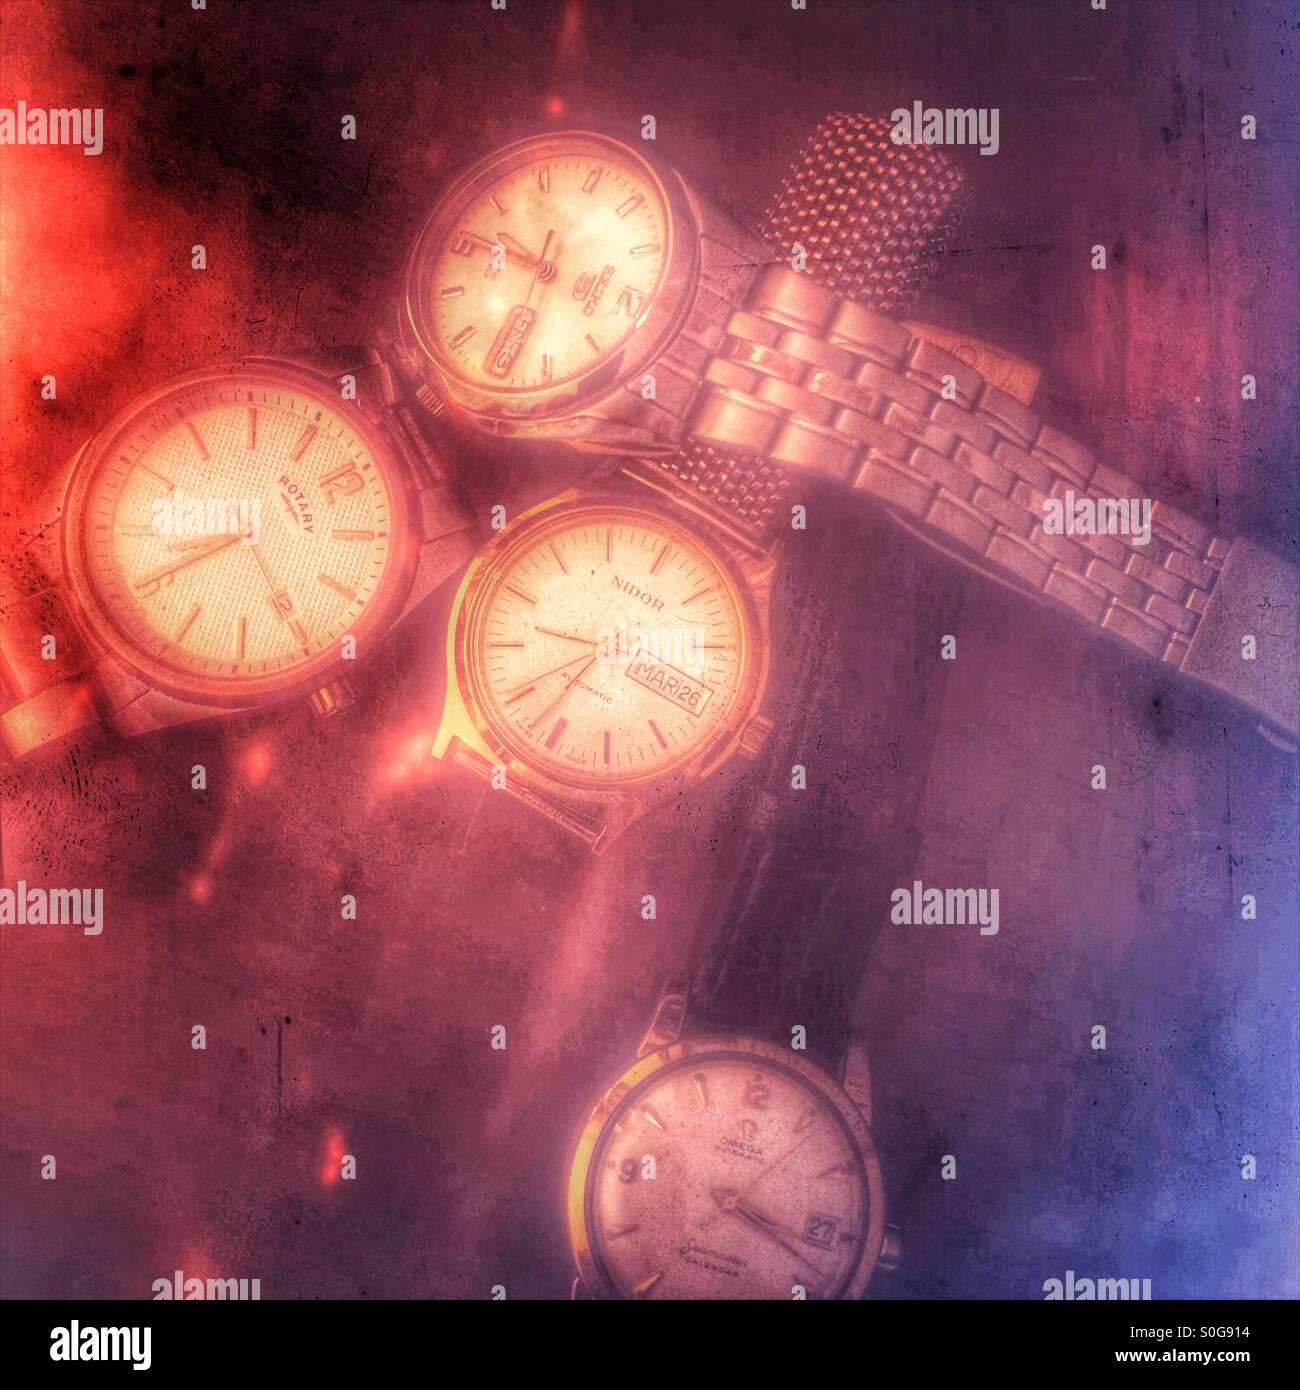 Una colección de cuatro relojes de hombre en un tocador. Imagen De Stock